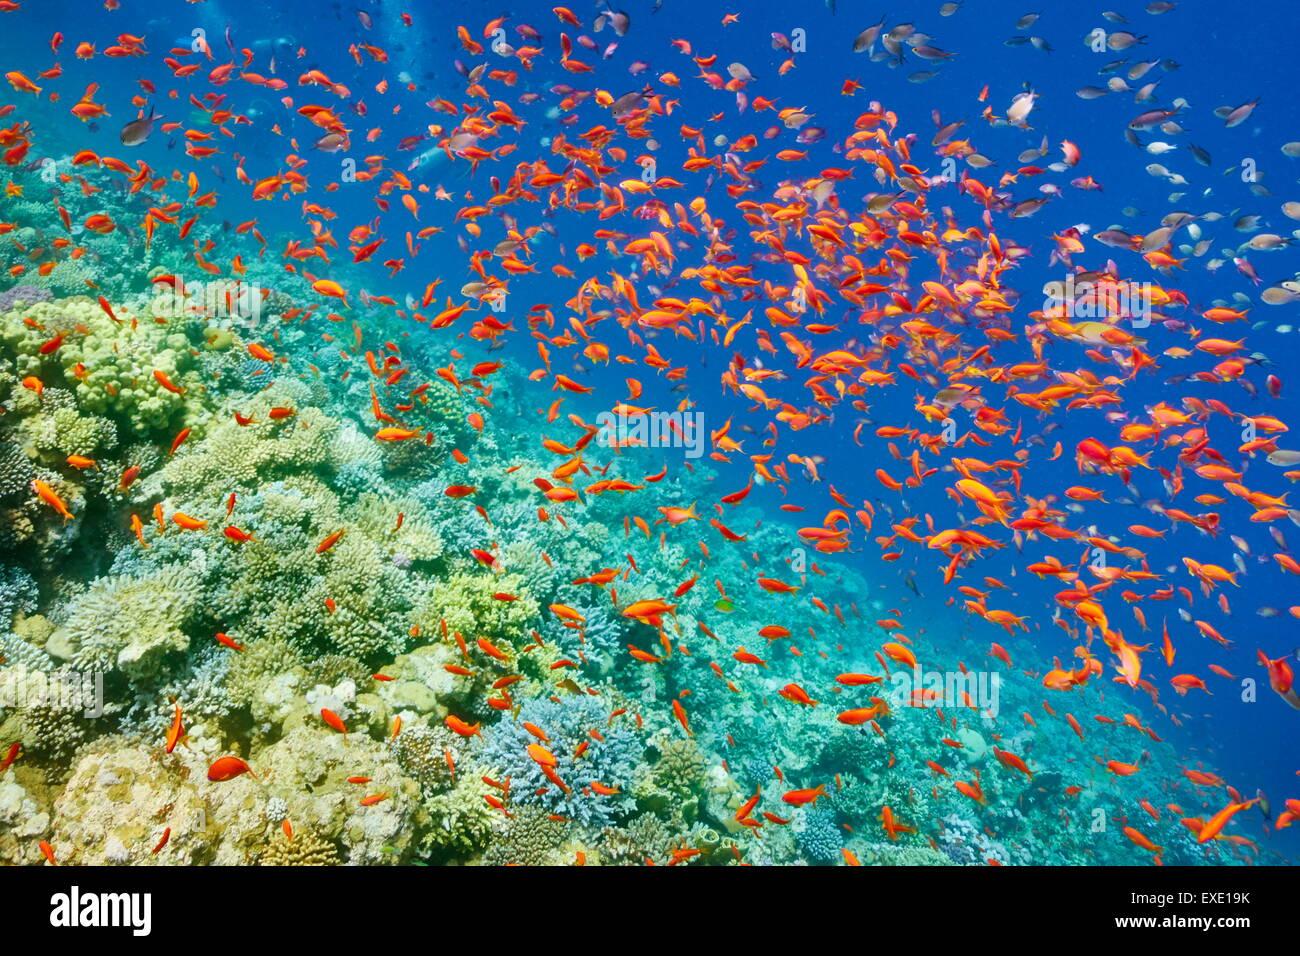 Foto submarina, cardumen de peces en el arrecife de coral en el Mar Rojo, Egipto Imagen De Stock